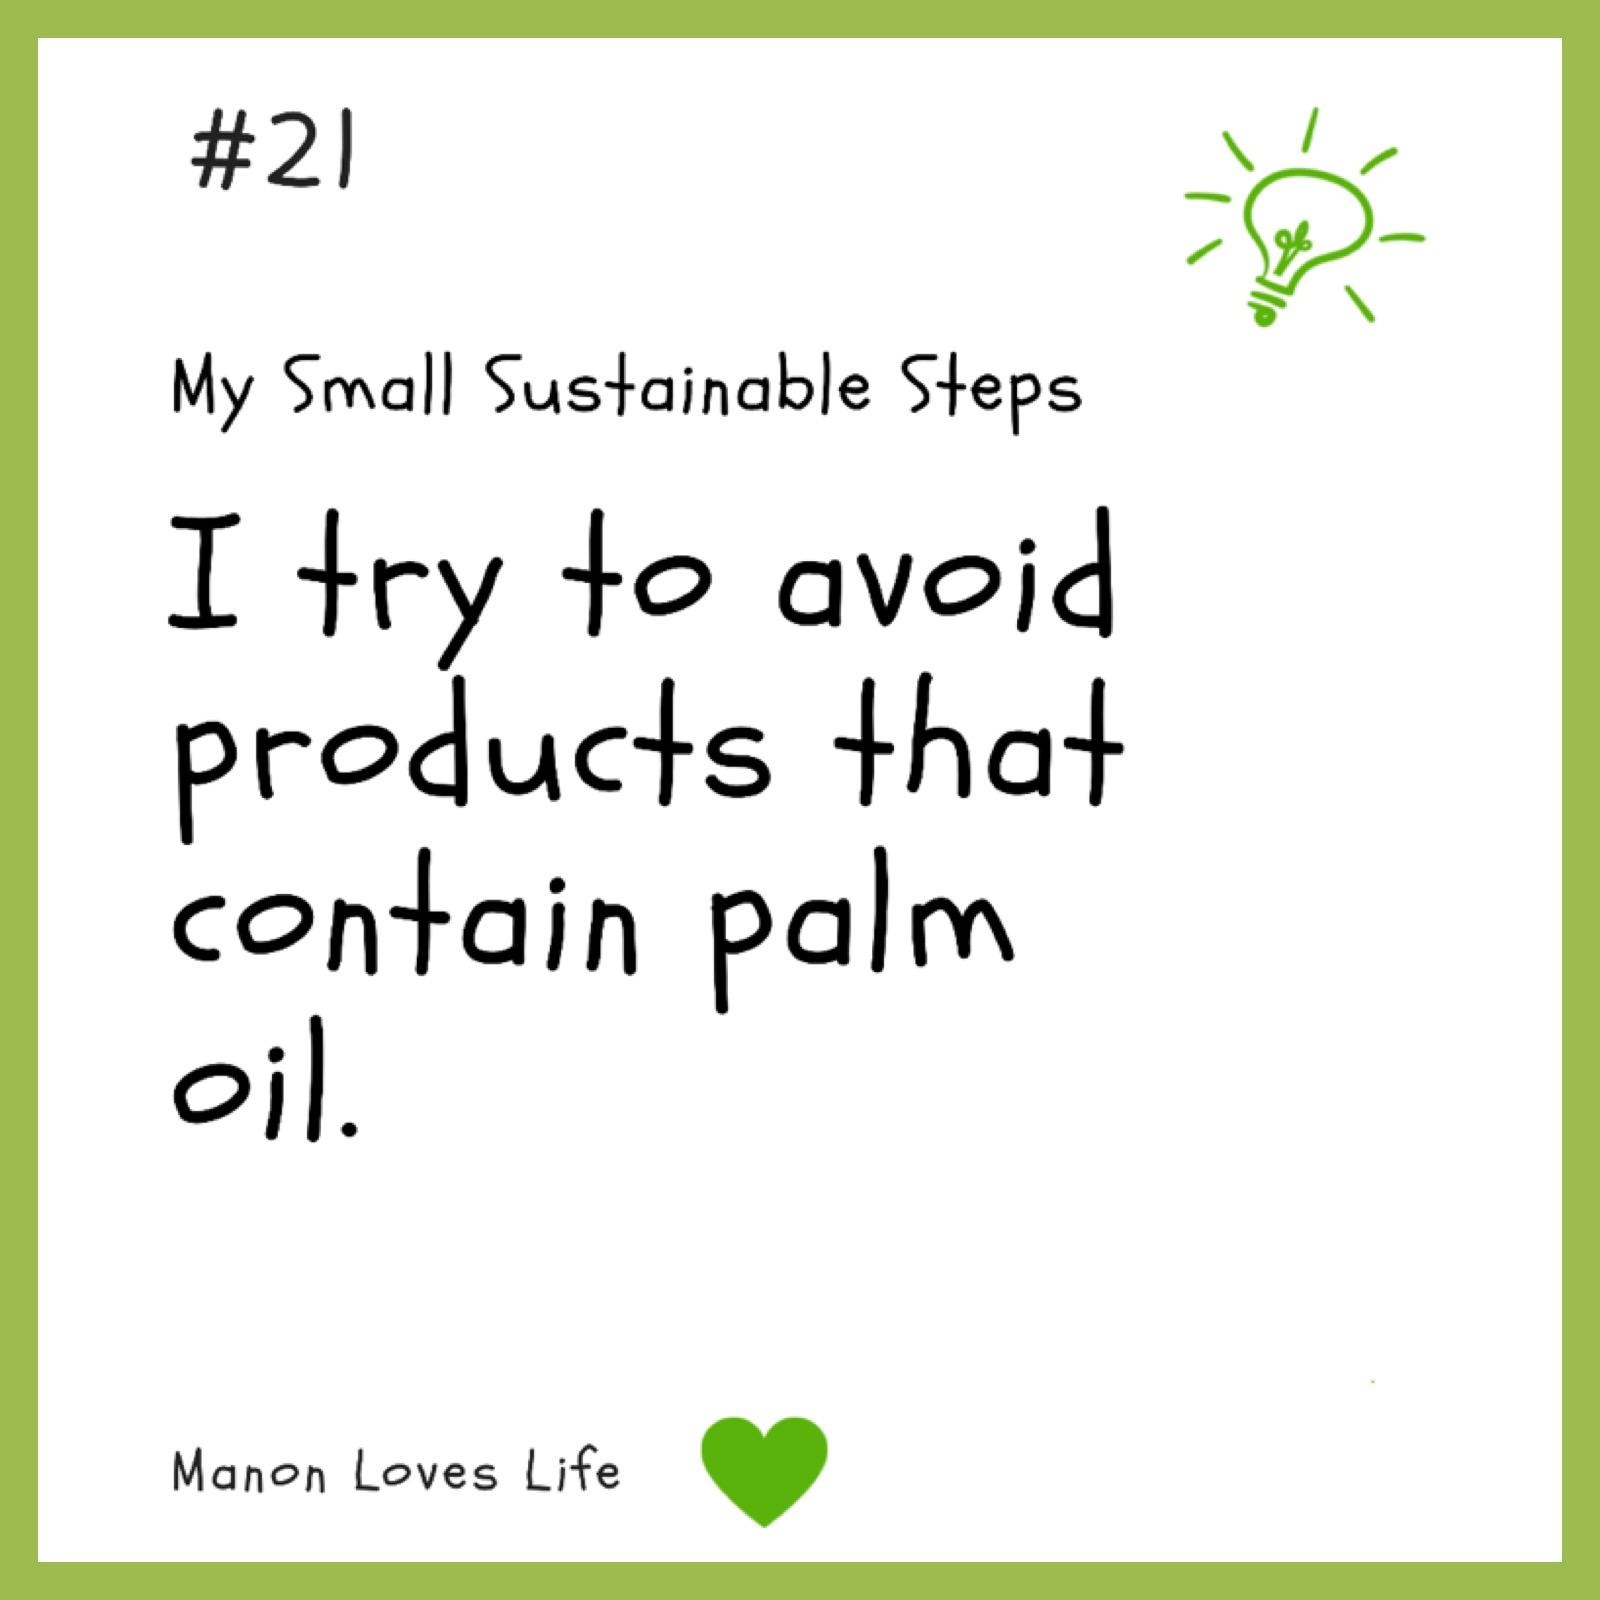 Geen producten kopen met palmolie